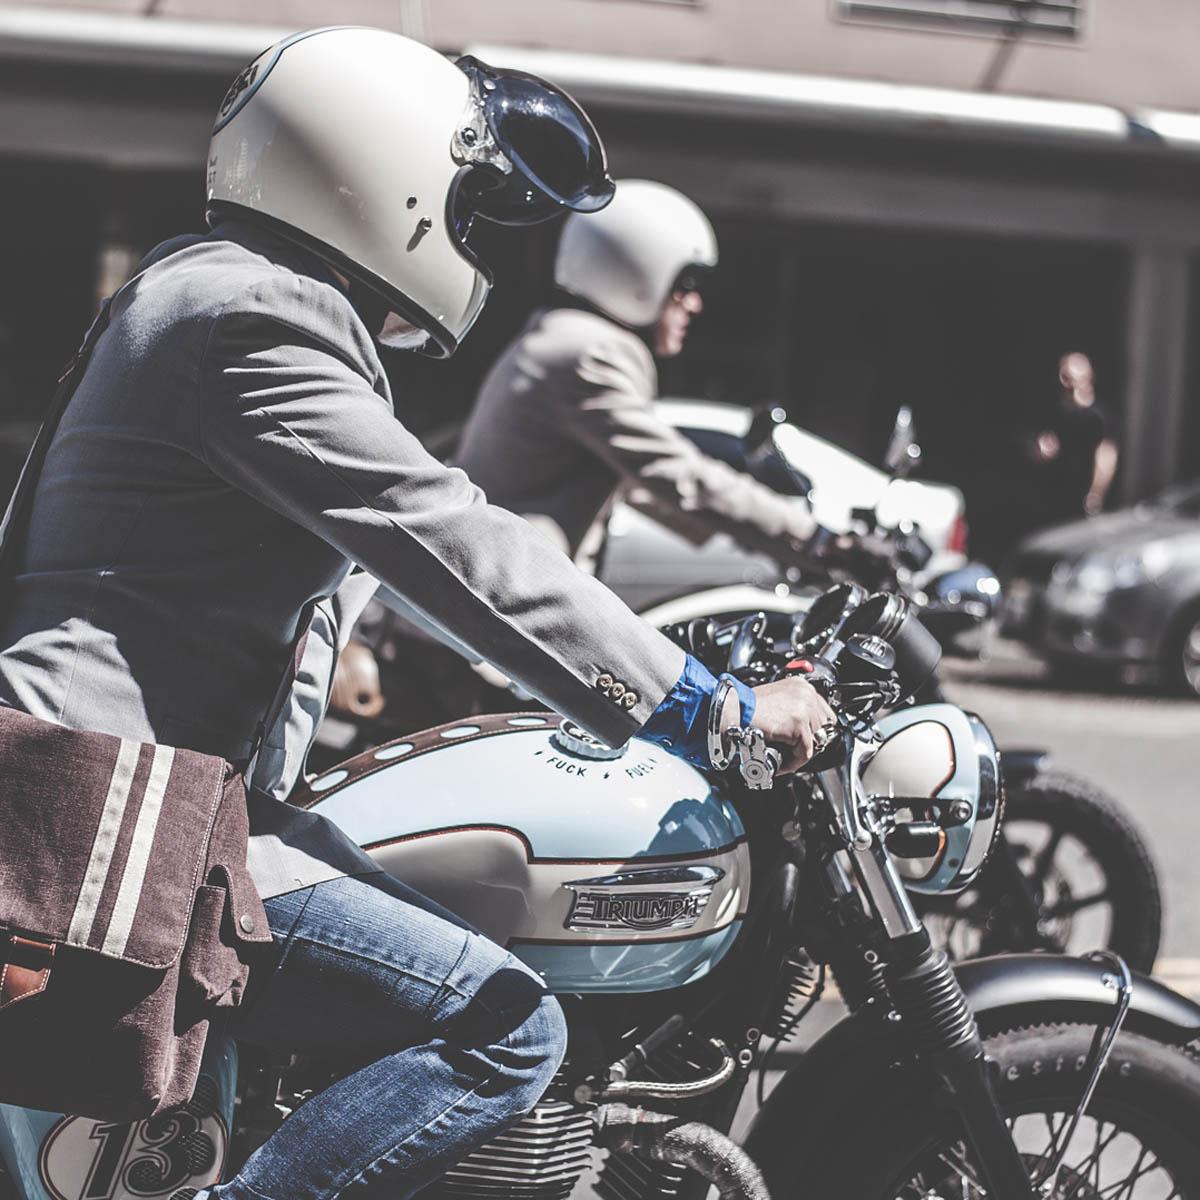 La Cote des Montres : Photo - Préparez-vous, le Distinguished Gentleman's Ride 2016 approche !